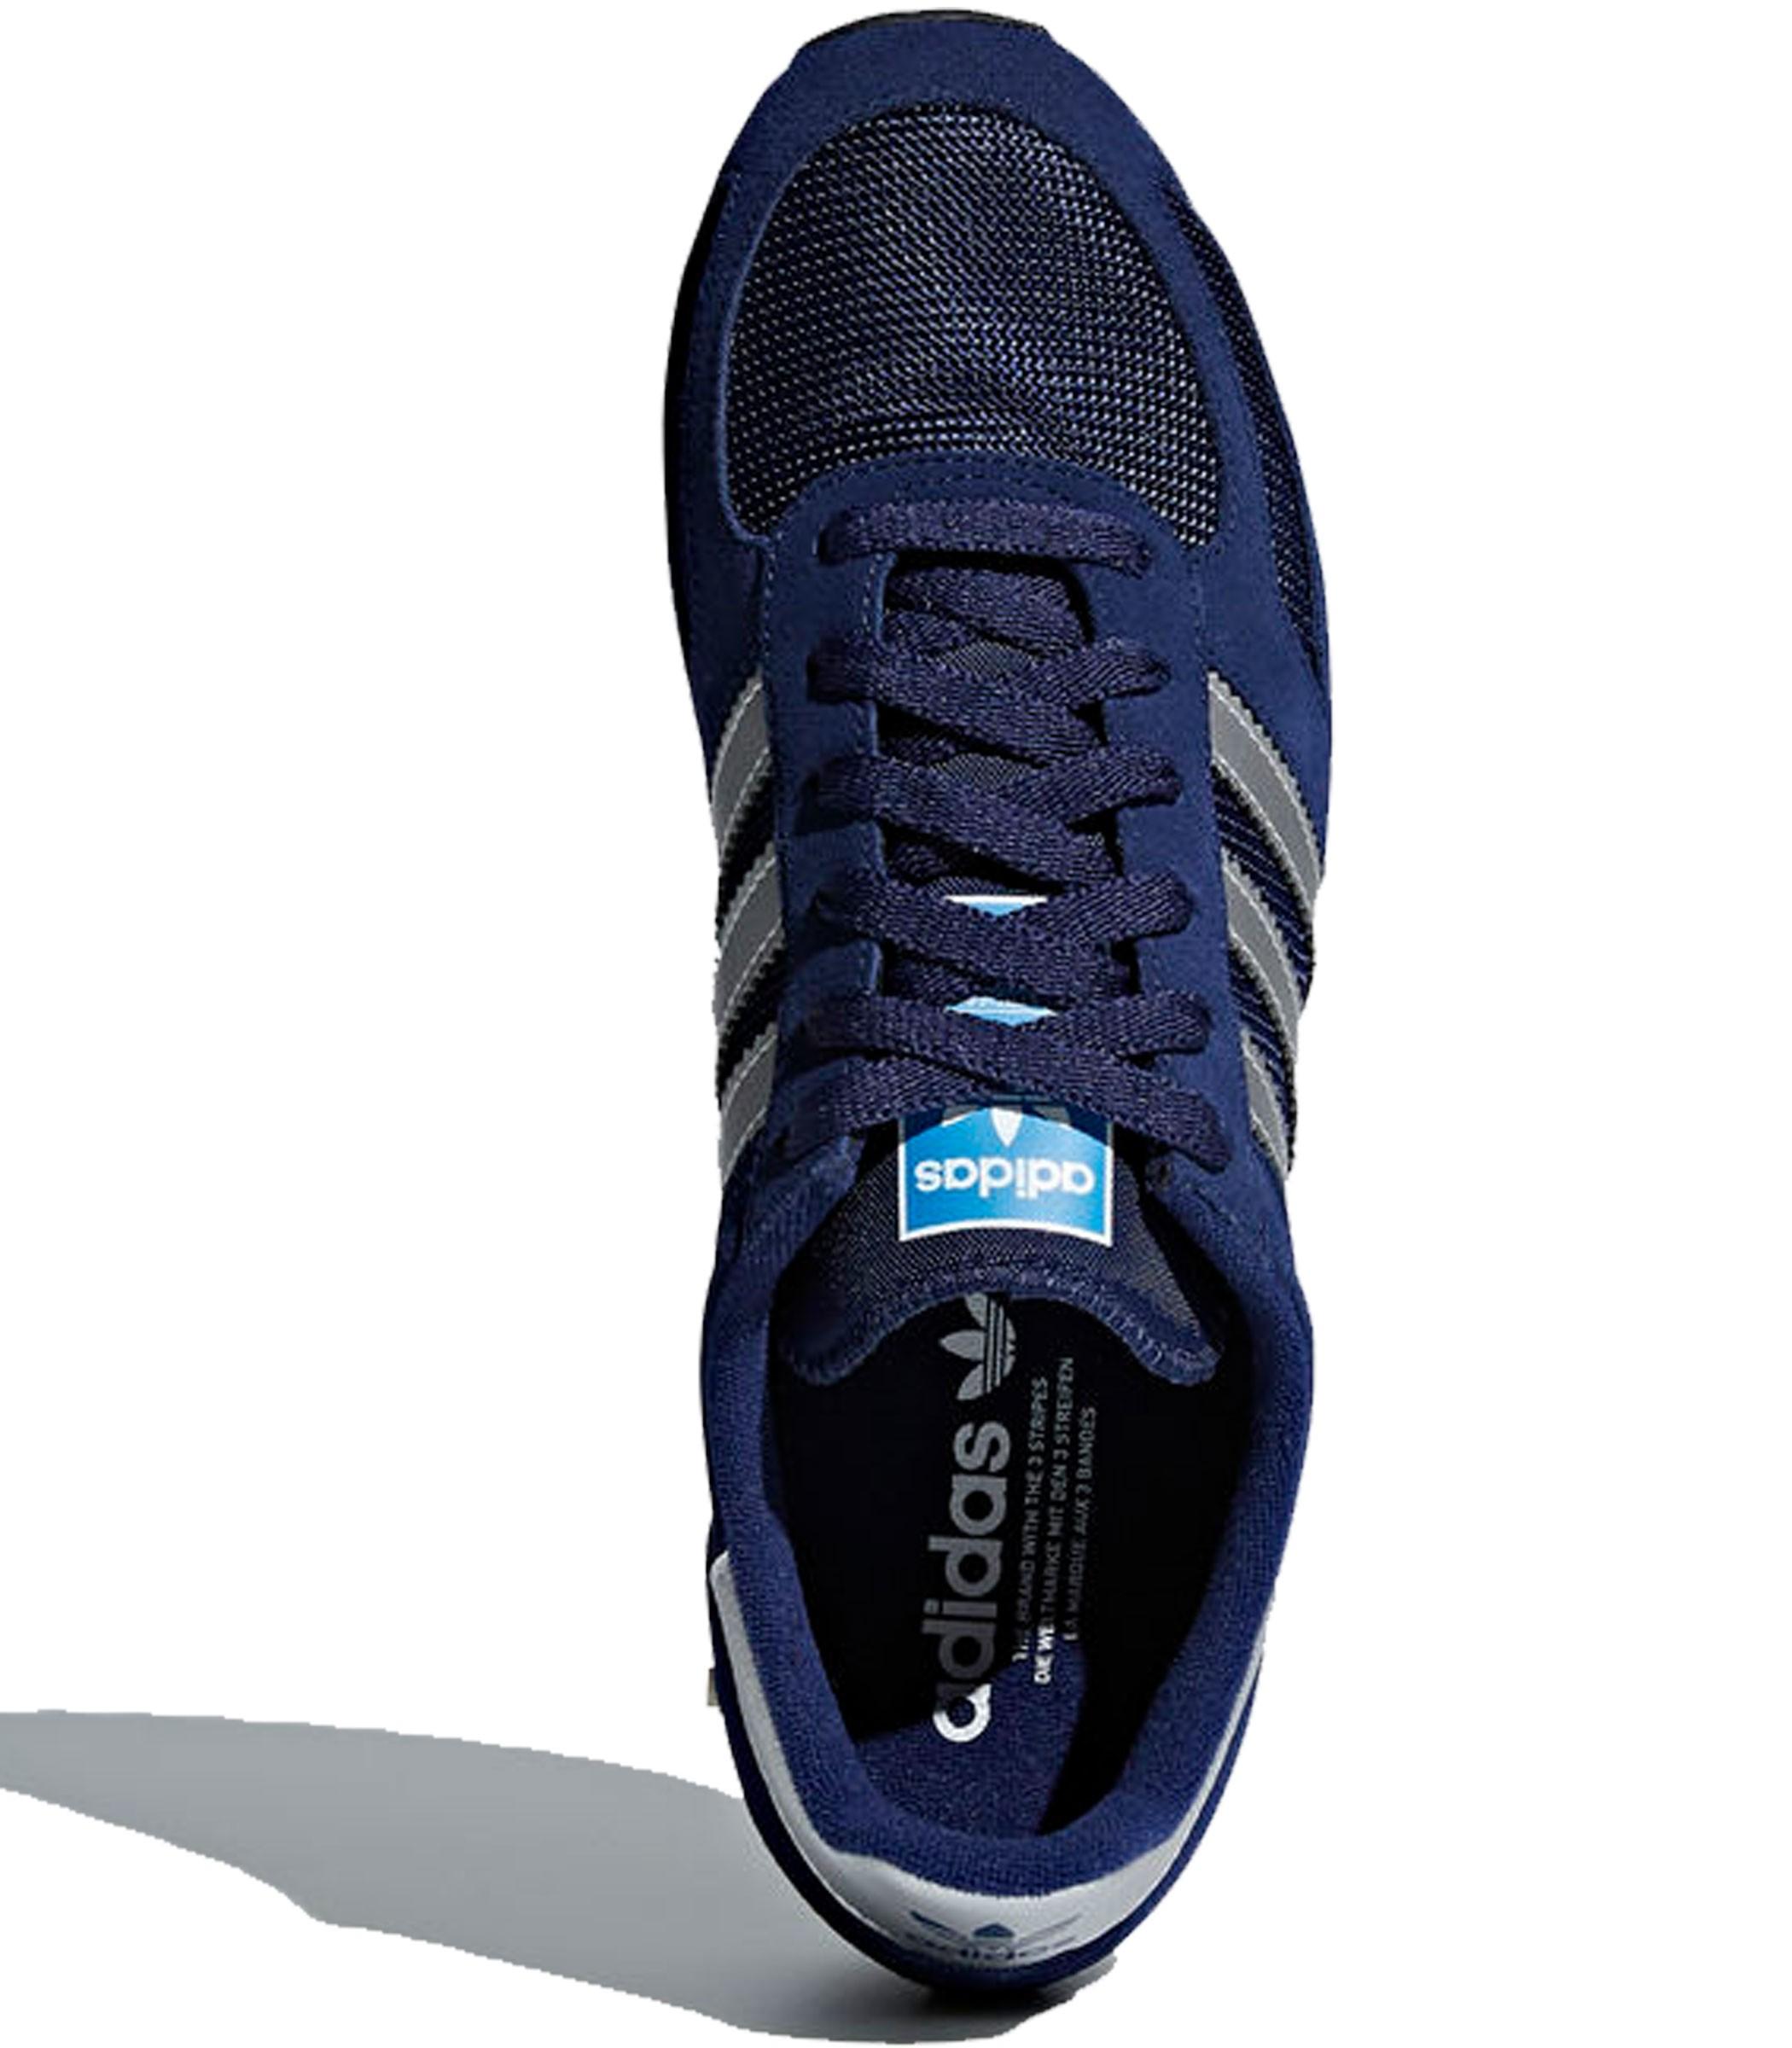 new concept dca3e 9a585 Scarpe da ginnastica Adidas LA Trainer - Uomo rif. CQ2278